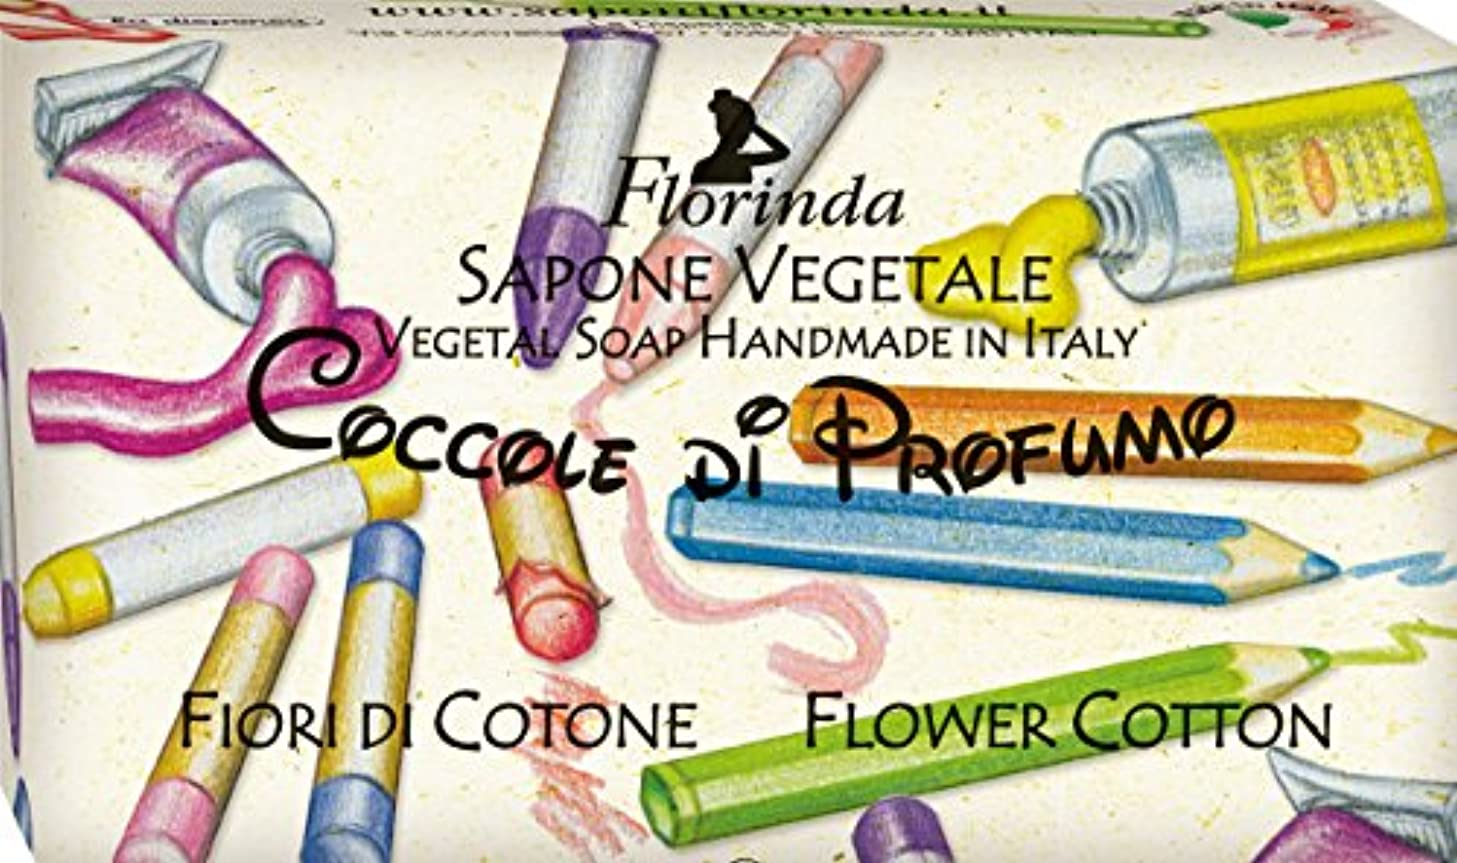 新鮮なスリット偽造フロリンダ フレグランスソープ おもちゃシリーズ フラワーコットン